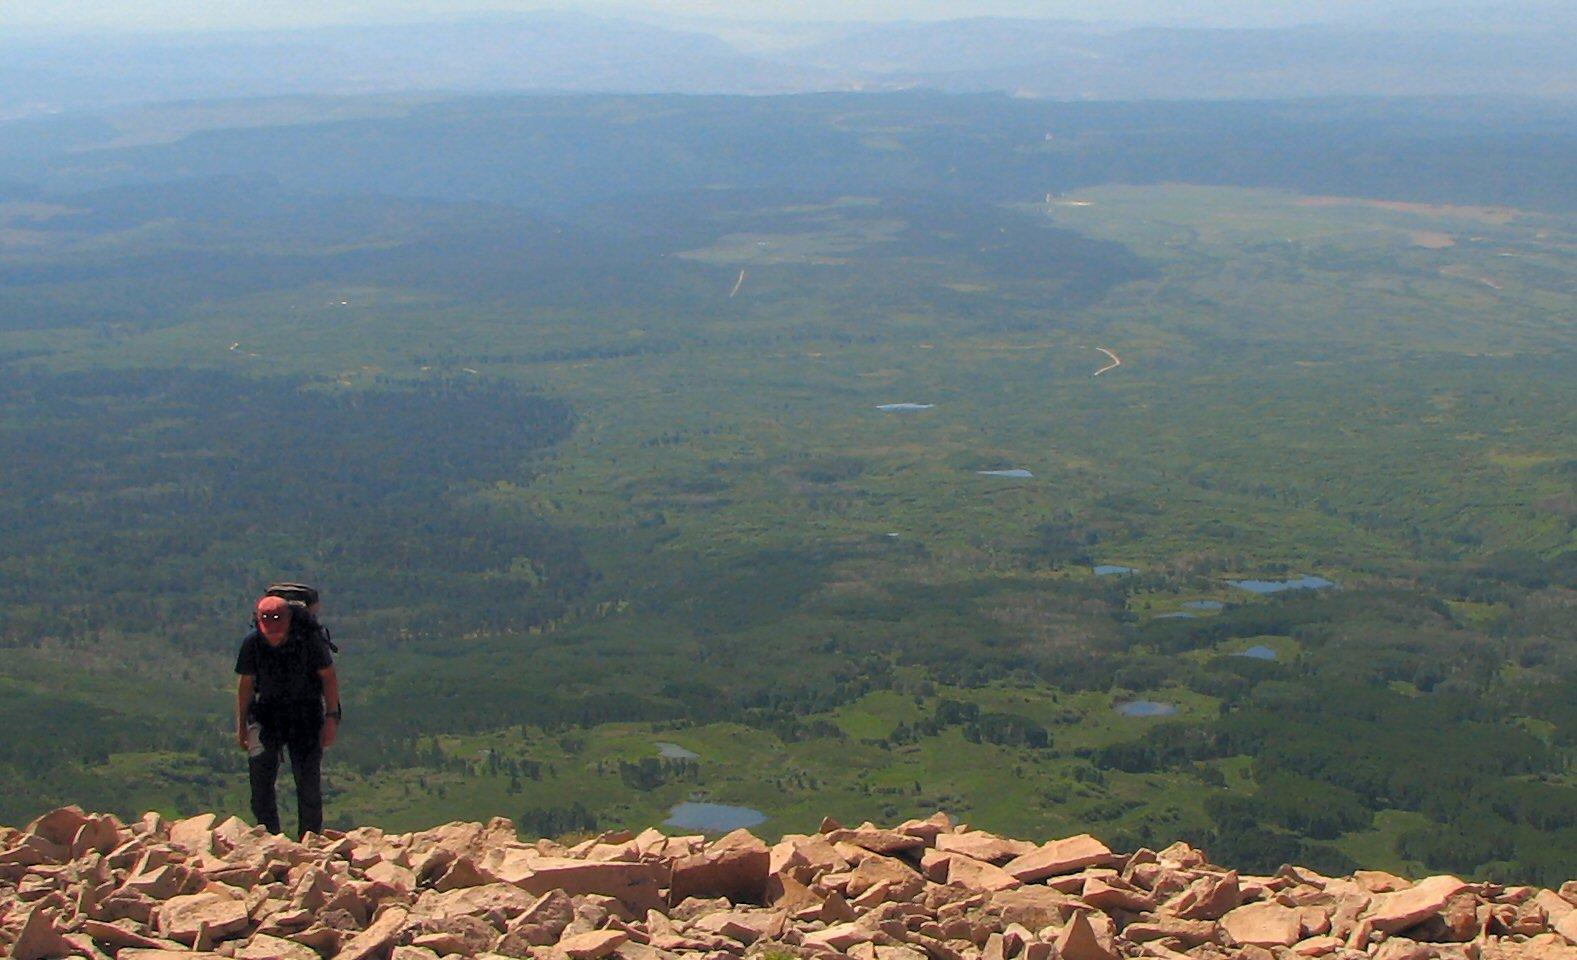 Hiking Mt. Peale